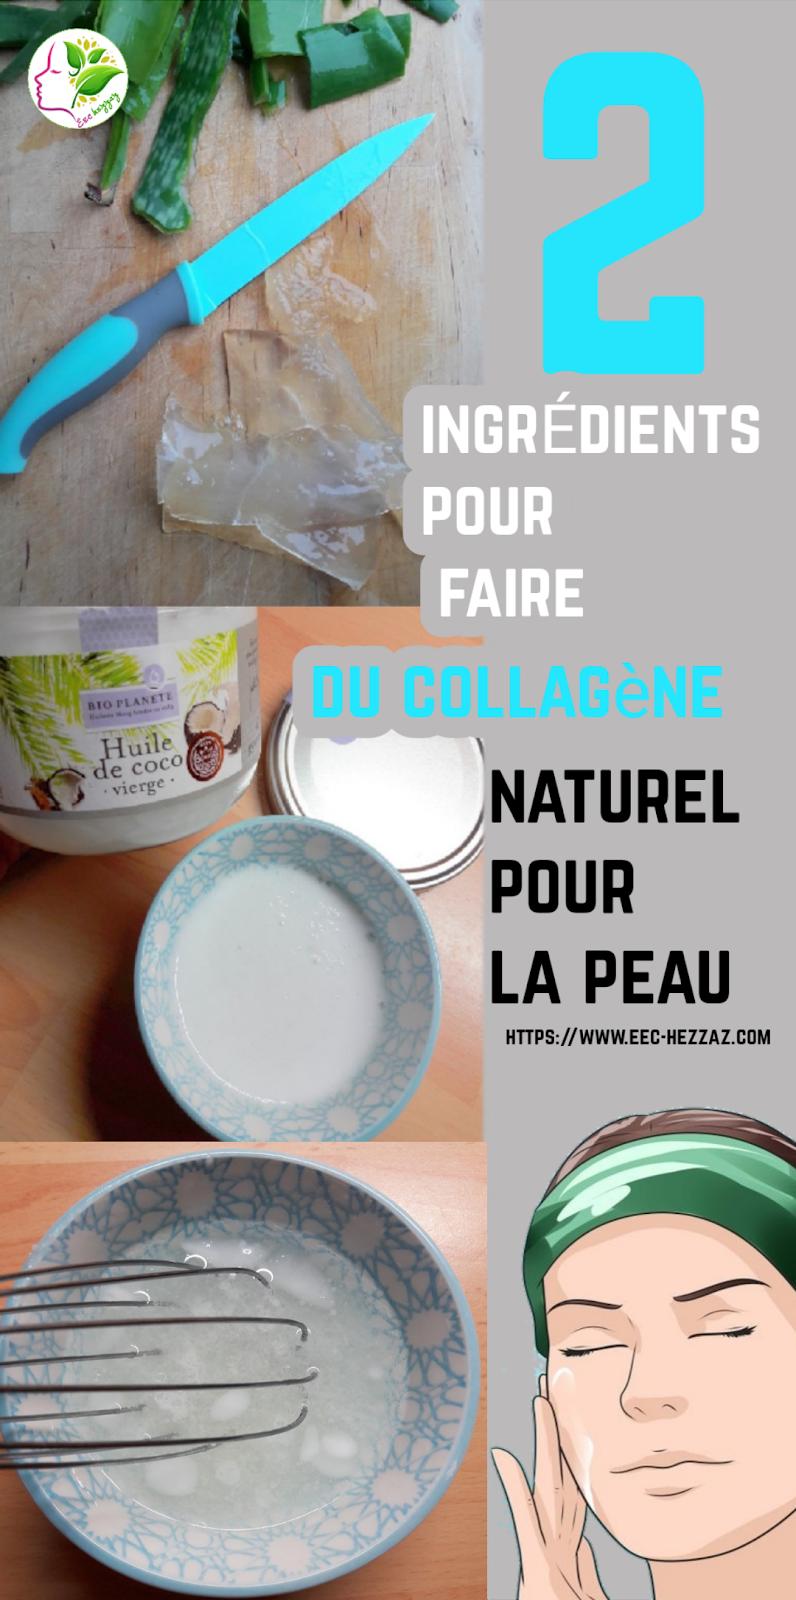 2 ingrédients pour faire du collagène naturel pour la peau